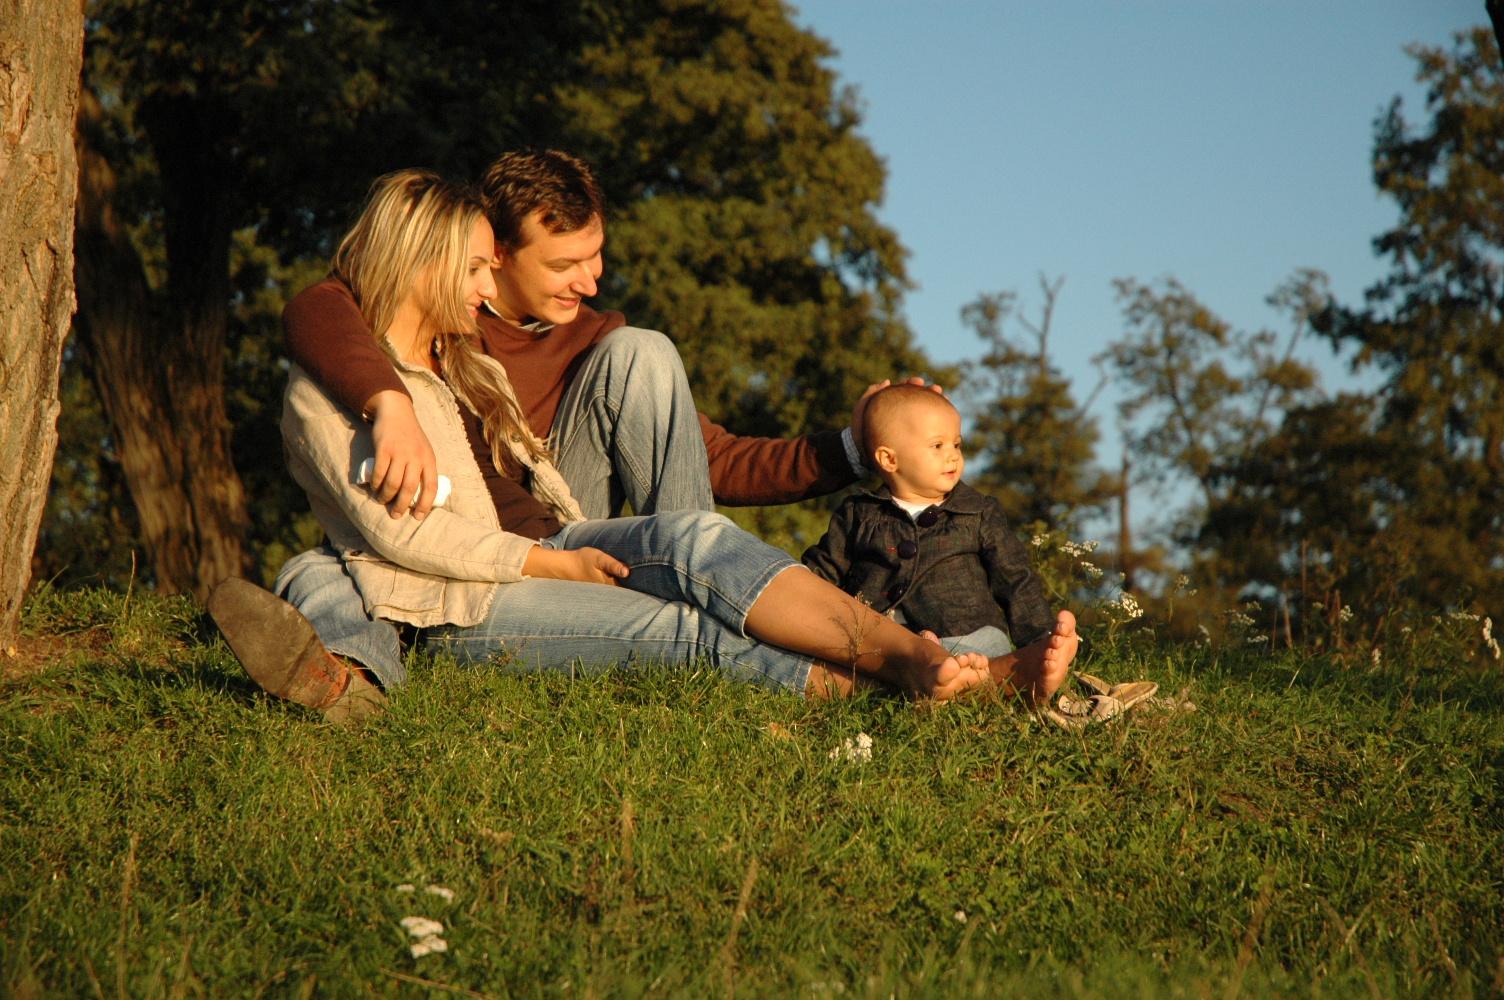 Изображение семьи.